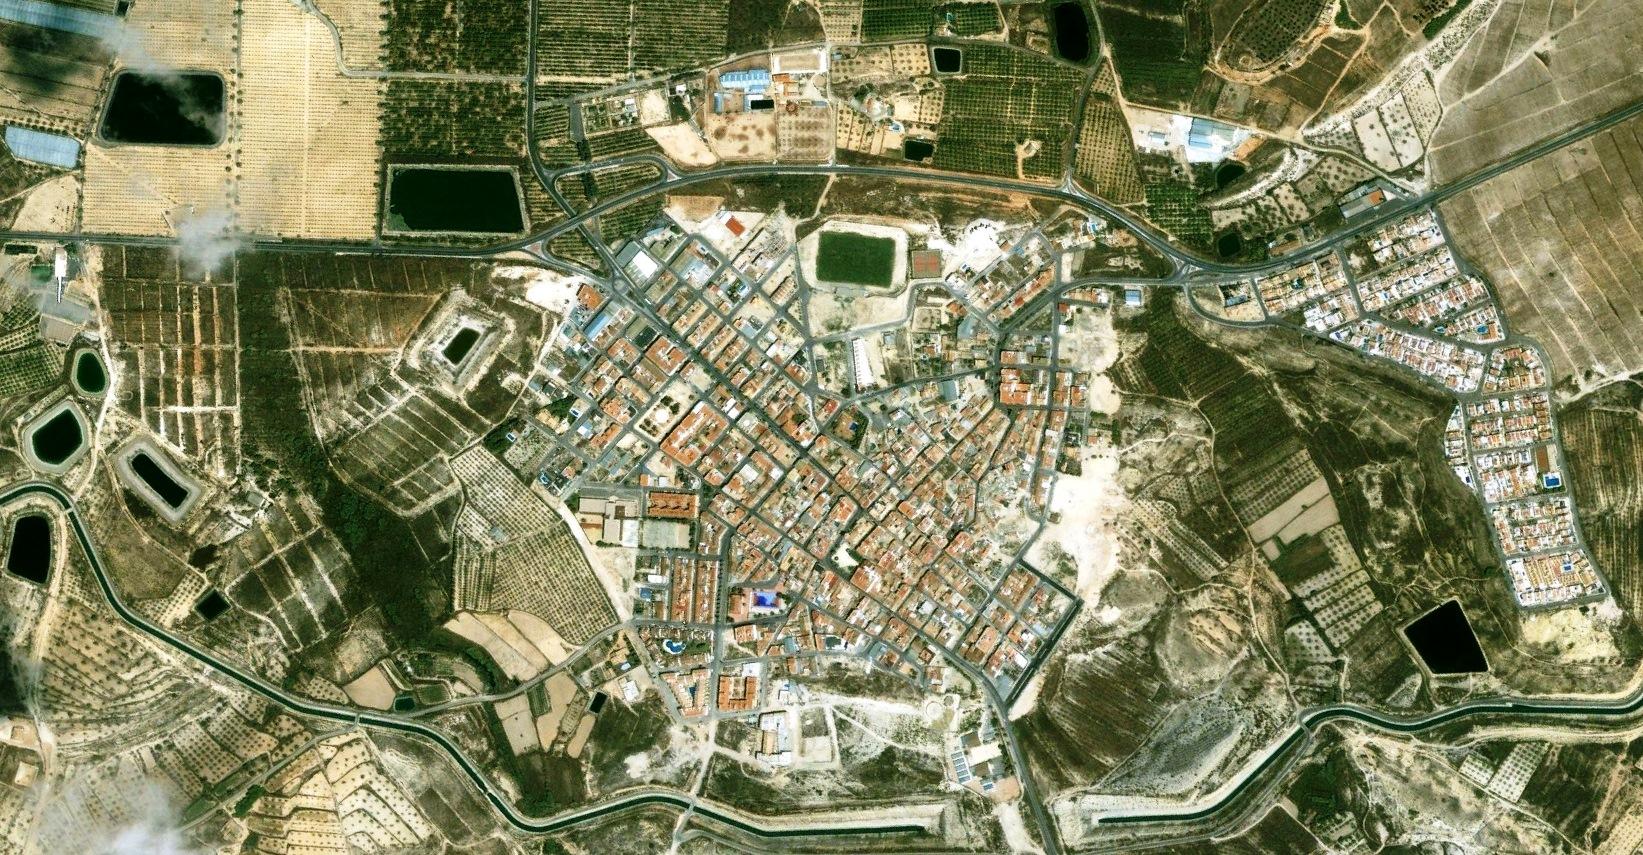 antes, urbanismo, foto aérea, desastre, urbanístico, planeamiento, urbano, construcción, San Miguel de Salinas, Alicante, Sant Miquel de les Salines, Alacant